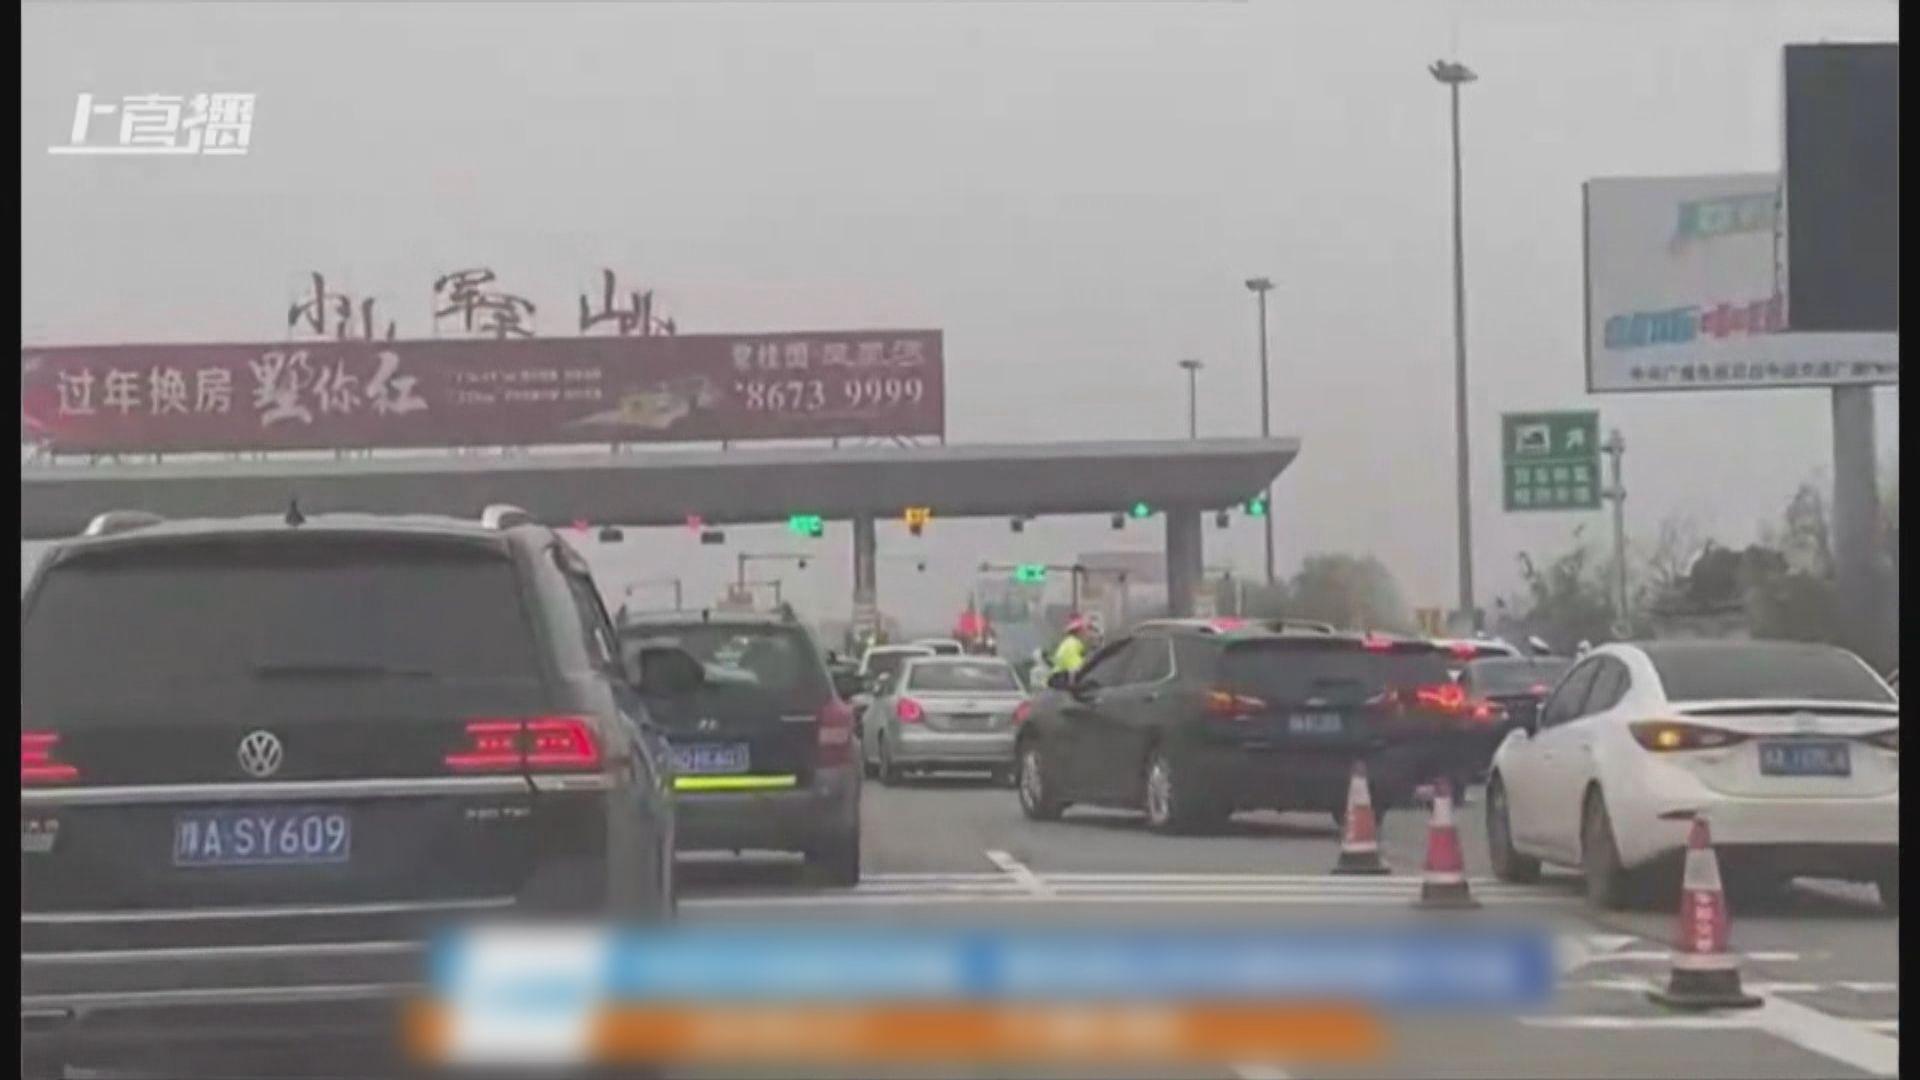 【武漢封城】市民仍可乘私家車經公路離開